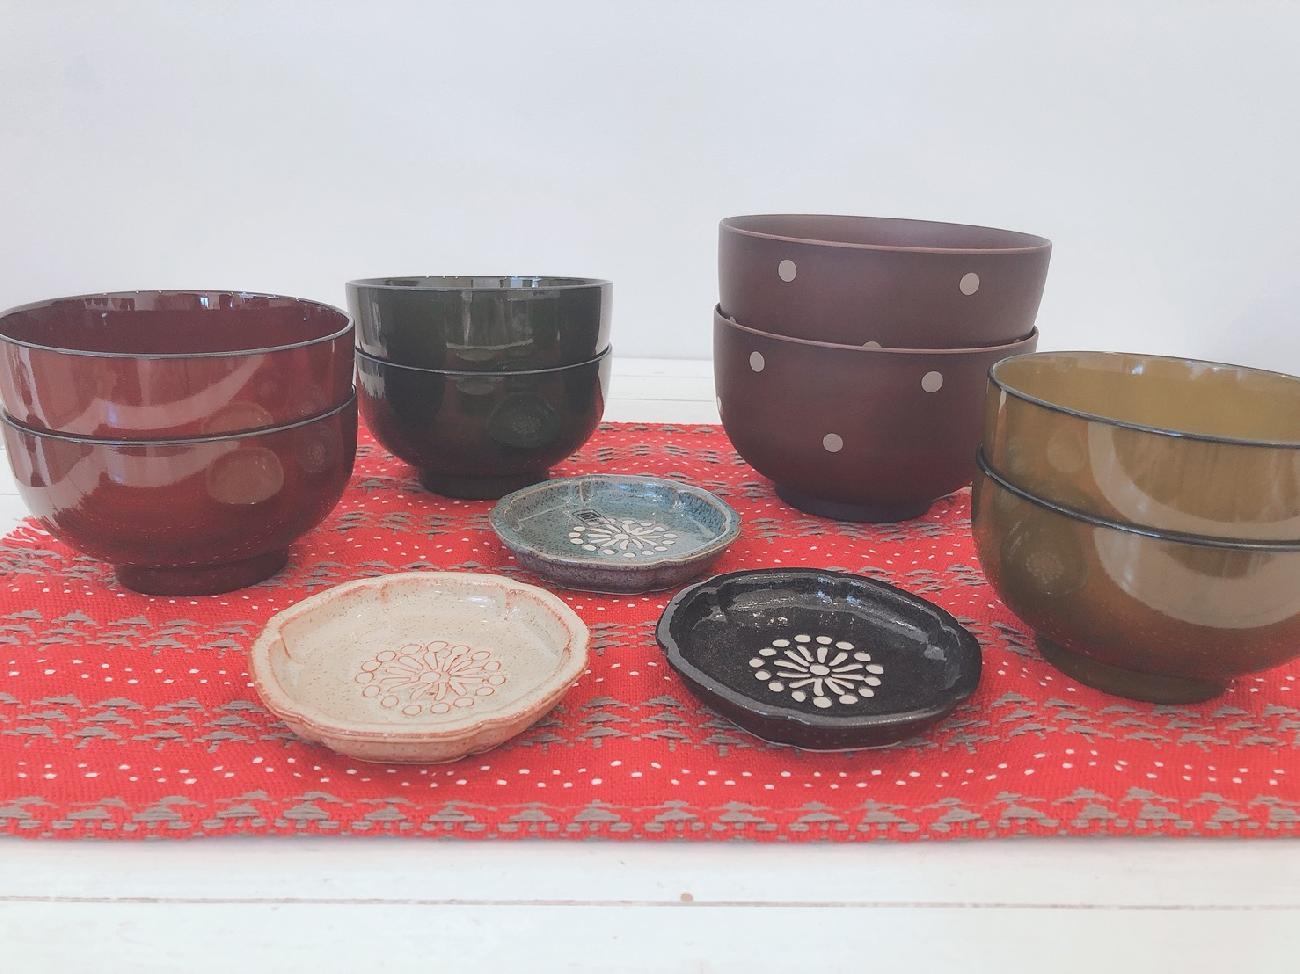 お正月/新年/お椀/どんぶり/豆皿/食器/うつわ